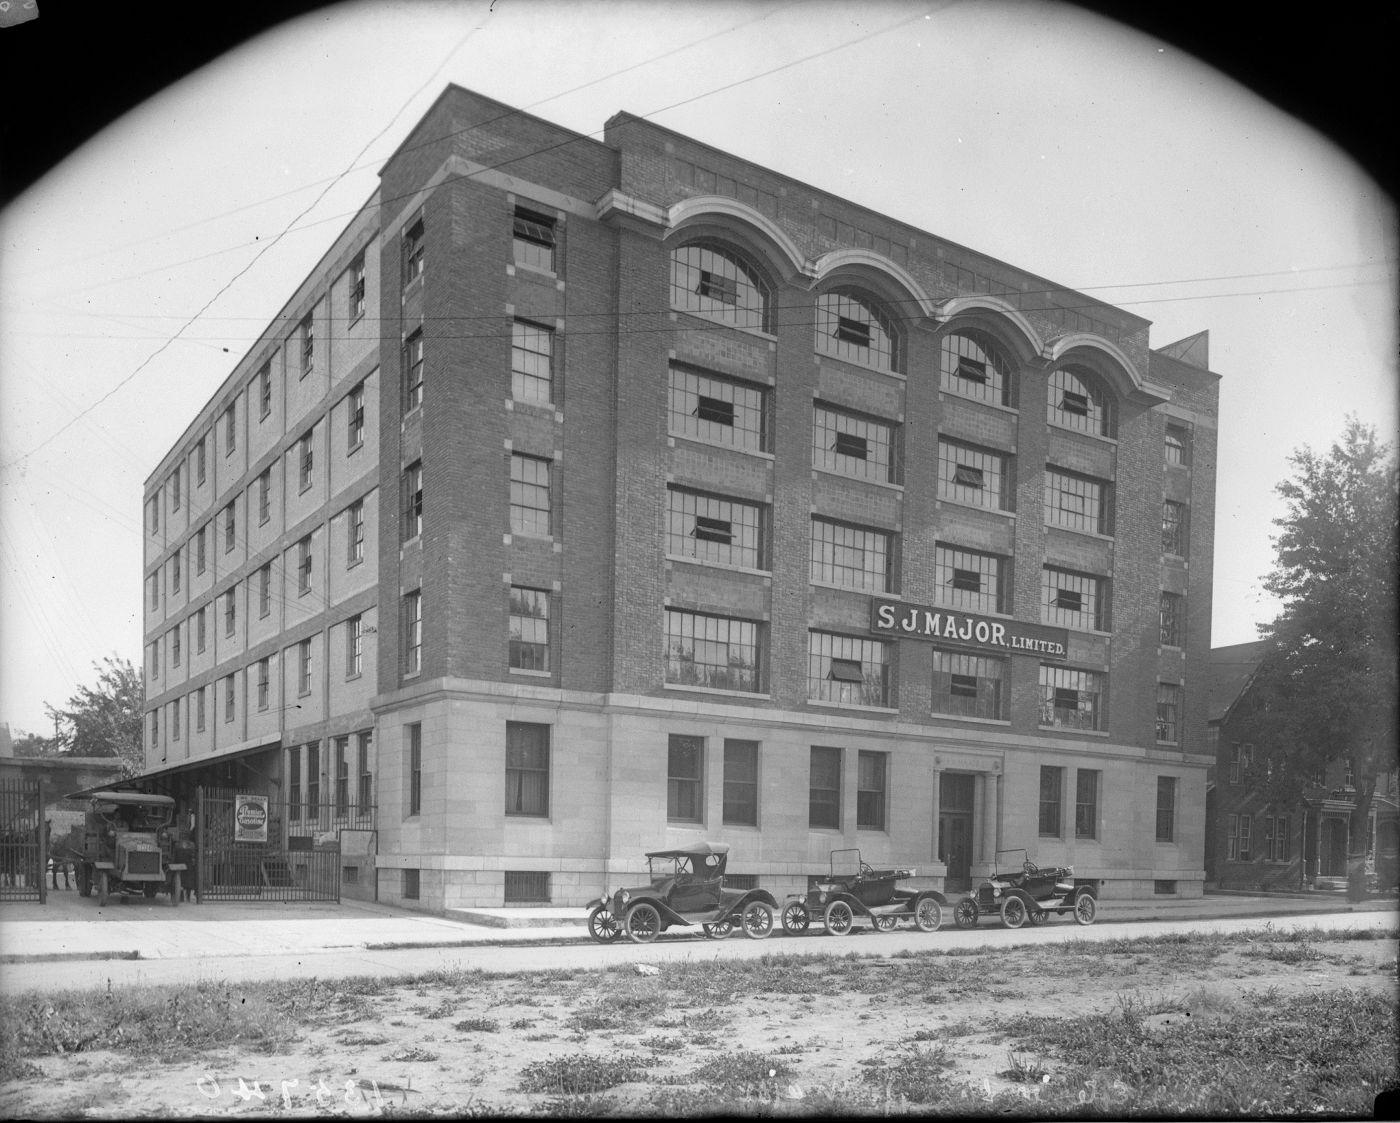 Photographie en noir et blanc d'un bâtiment en brique à six étages, orné de grandes fenêtres. Une enseigne porte le nom du commerce. Trois automobiles d'époque sont stationnées devant l'entrée principale.